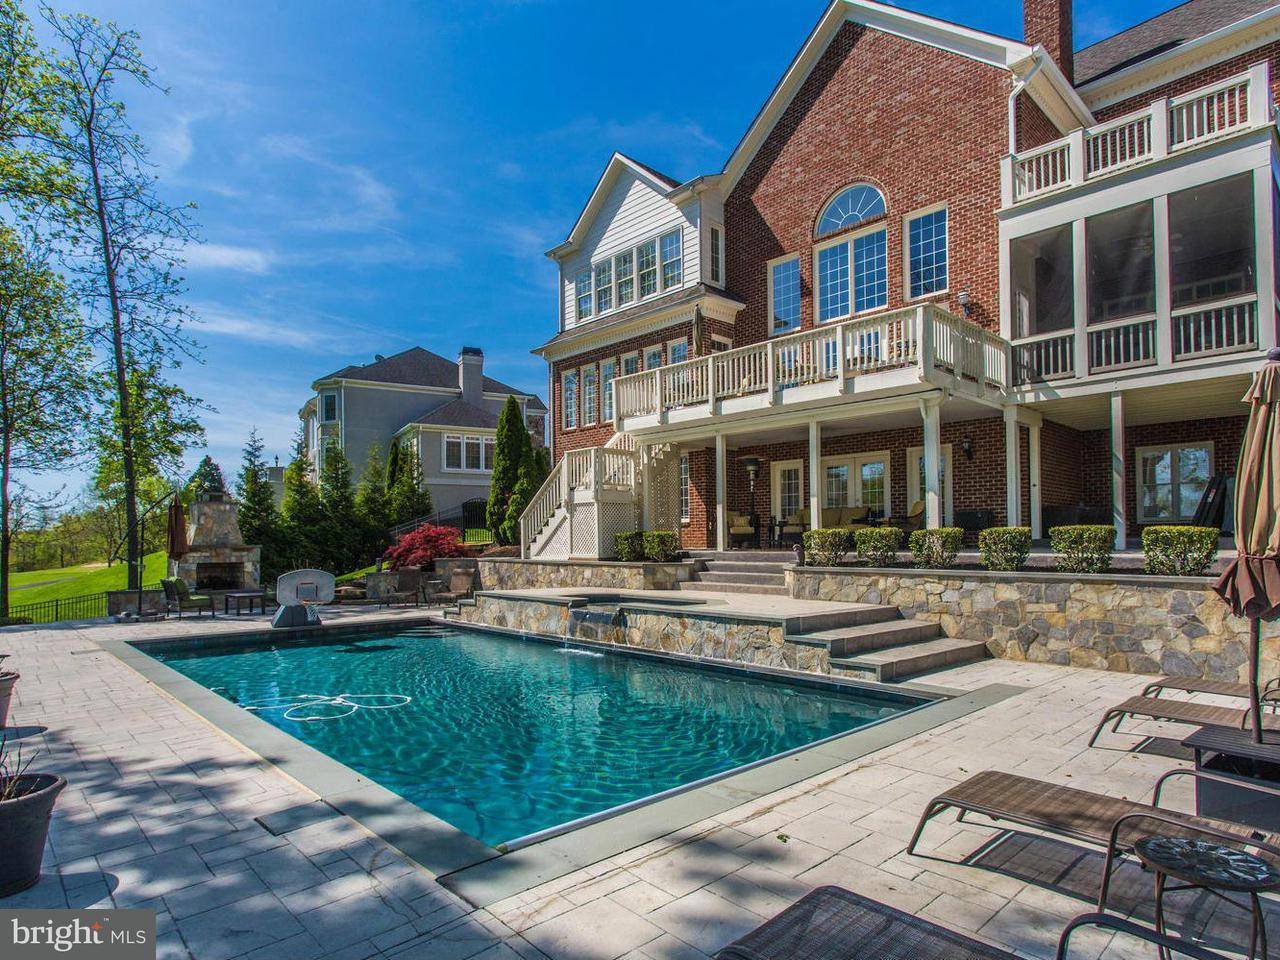 Μονοκατοικία για την Πώληση στο 15858 SPYGLASS HILL LOOP 15858 SPYGLASS HILL LOOP Gainesville, Βιρτζινια 20155 Ηνωμενεσ Πολιτειεσ